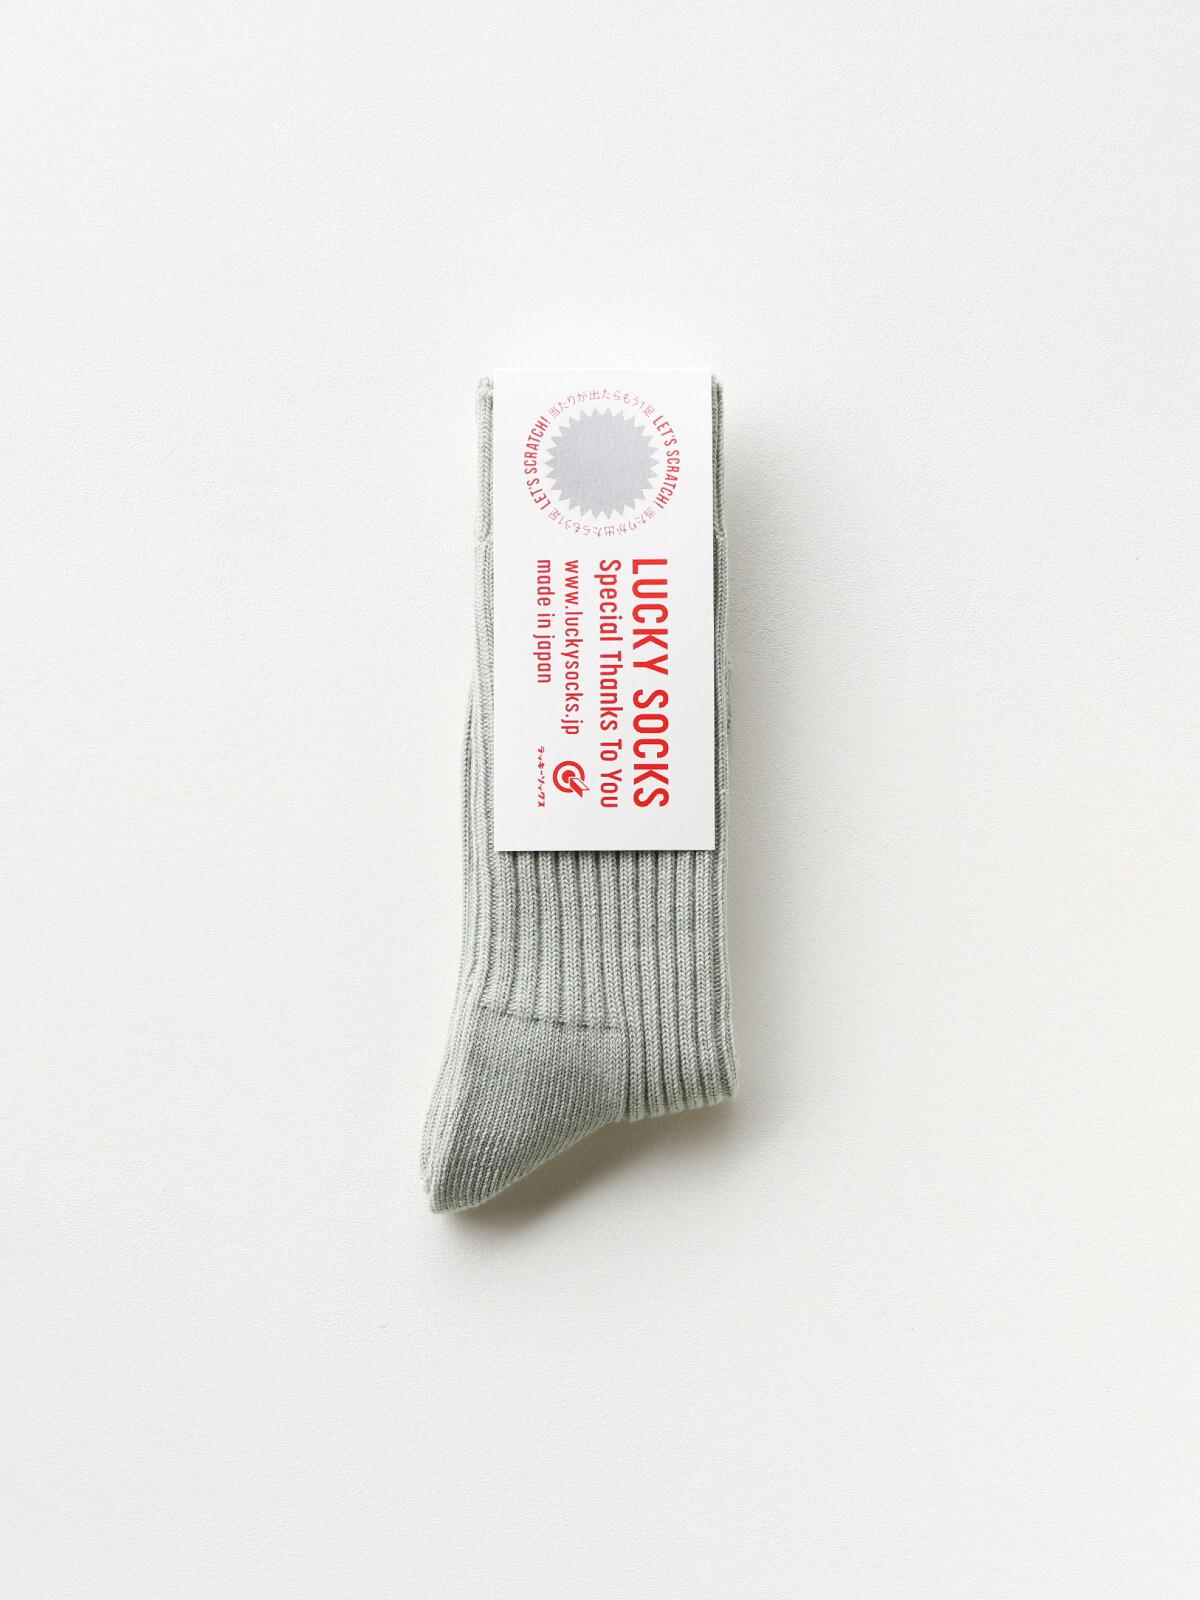 当たりつきギフト専用靴下のLUCKY SOCKS(ラッキーソックス)のSmooth Rib Socks(スムースリブソックス)のペールミント_1